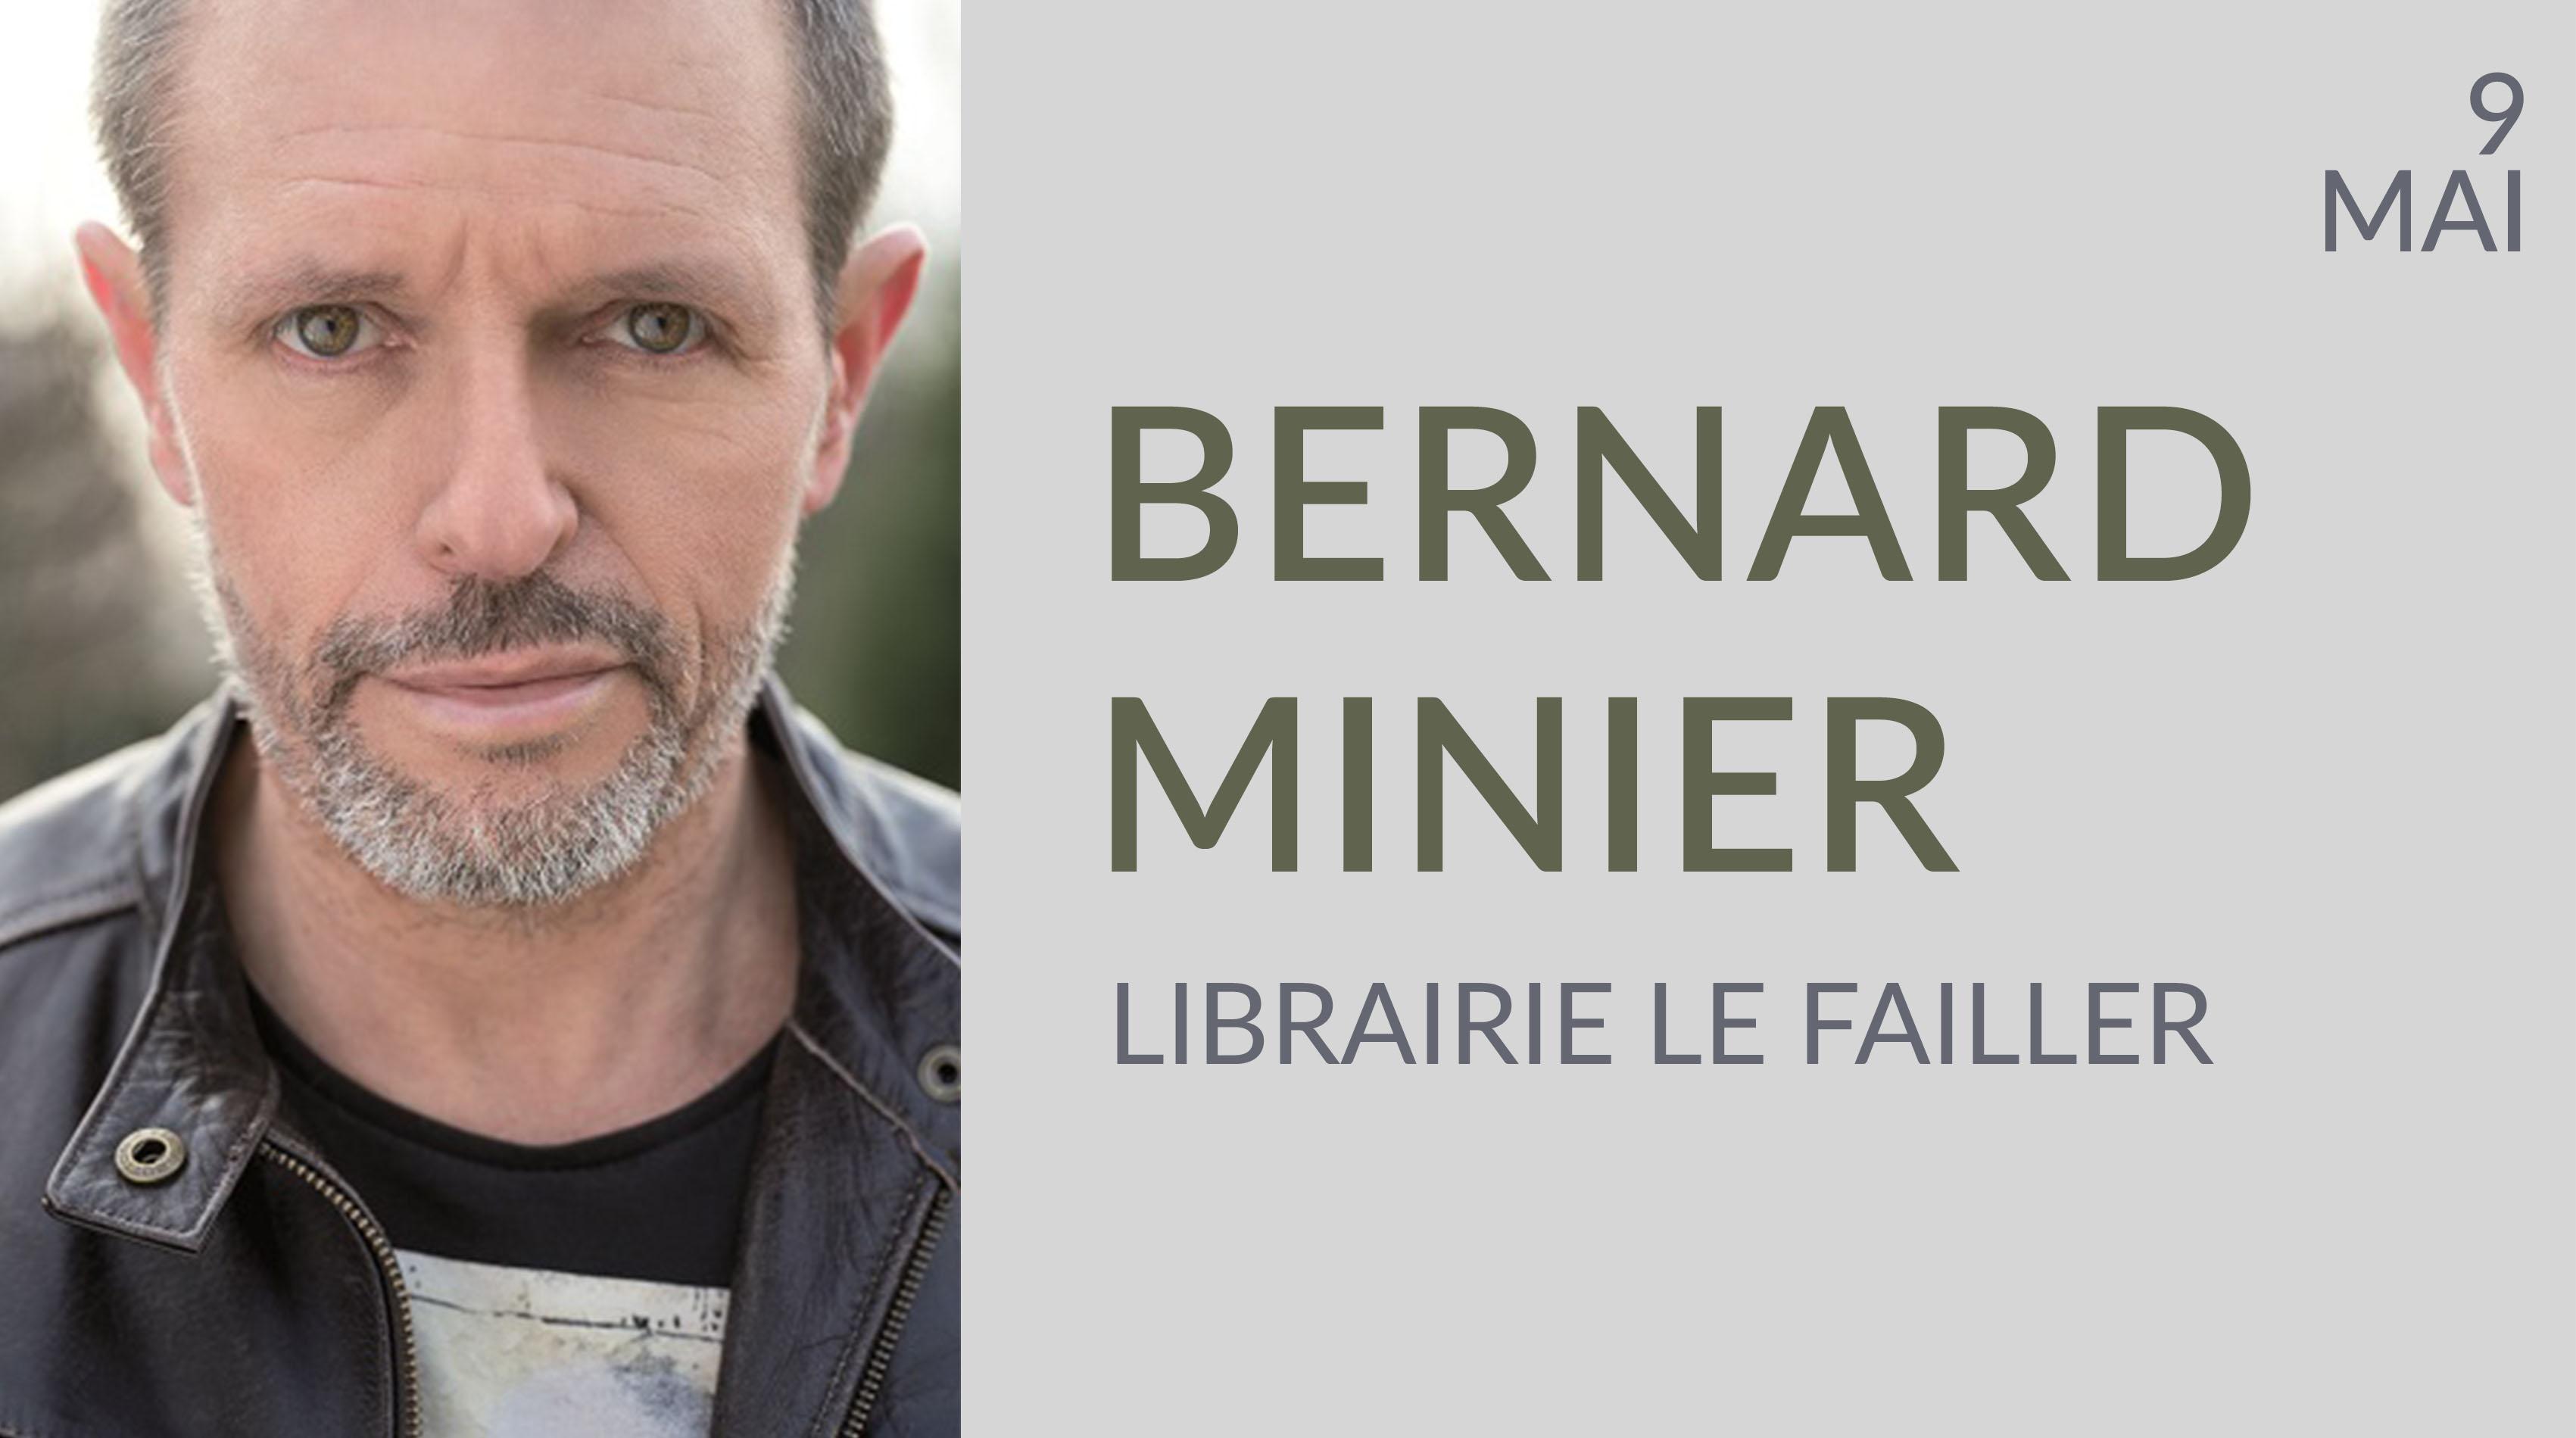 BERNARD MINIER À LA LIBRAIRIE LE FAILLER -  RENNES